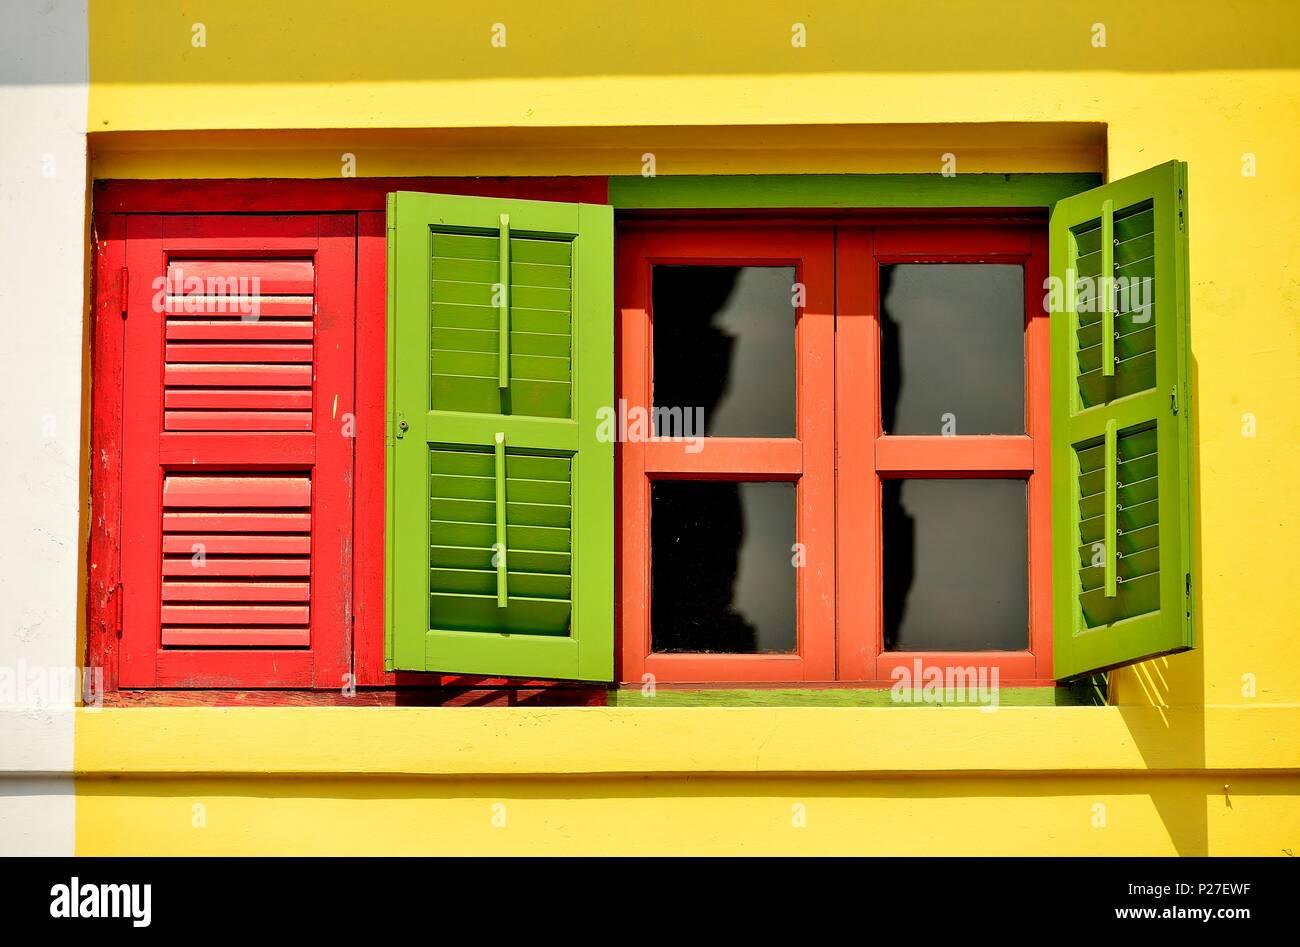 Vorderansicht Des Traditionellen Vintage Singapur Shop Haus Mit